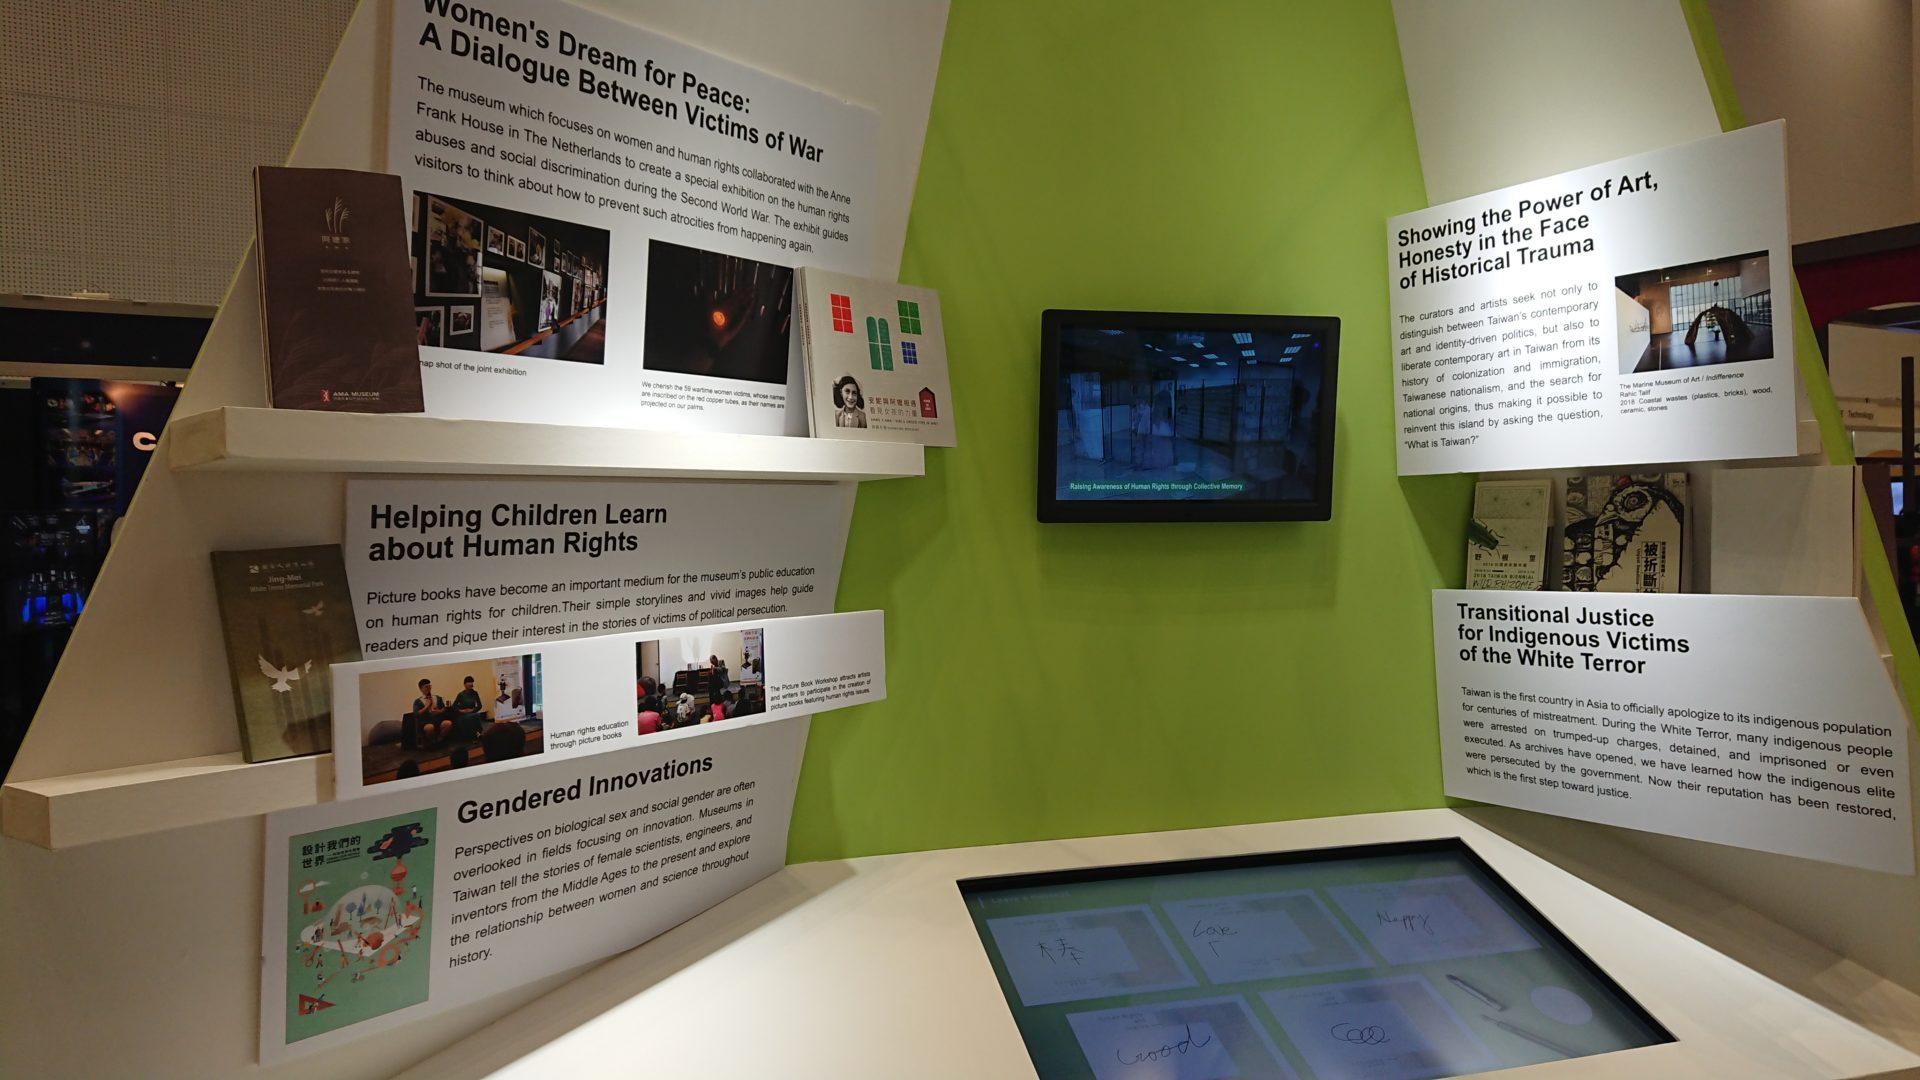 台灣館以各博物館的影像、出版品和互動裝置,呈現台灣博物館界近年的動態。圖為人權與正義展區,介紹台灣在婦女權益、人權教育、歷史創傷與轉型正義上的成果。(田偲妤攝影)